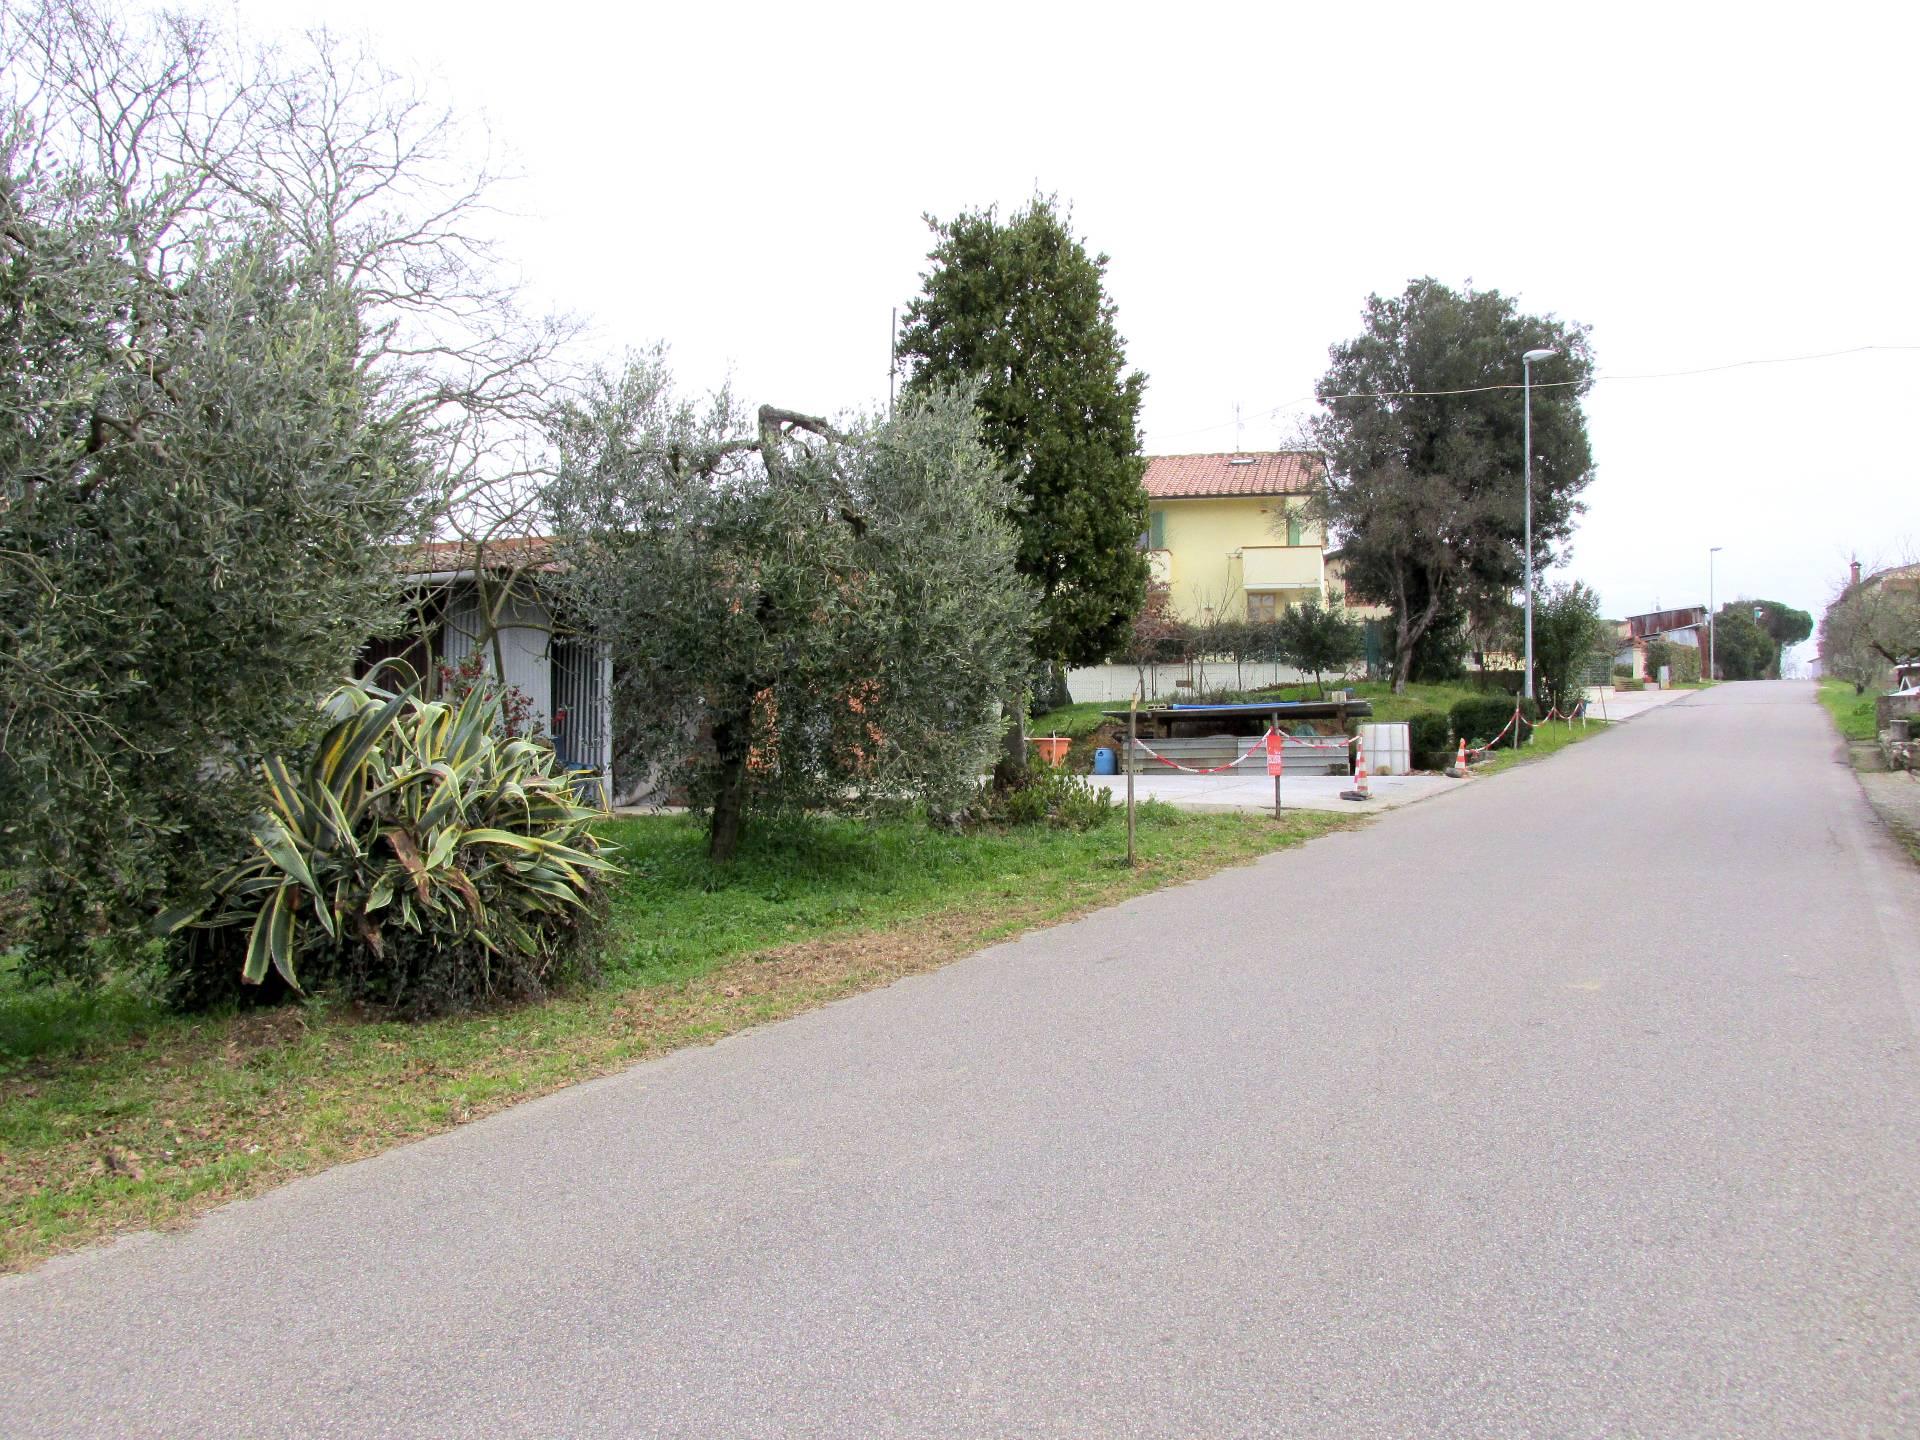 Terreno Edificabile Residenziale in vendita a Santa Maria a Monte, 9999 locali, zona Zona: Pregiuntino, prezzo € 55.000 | Cambio Casa.it